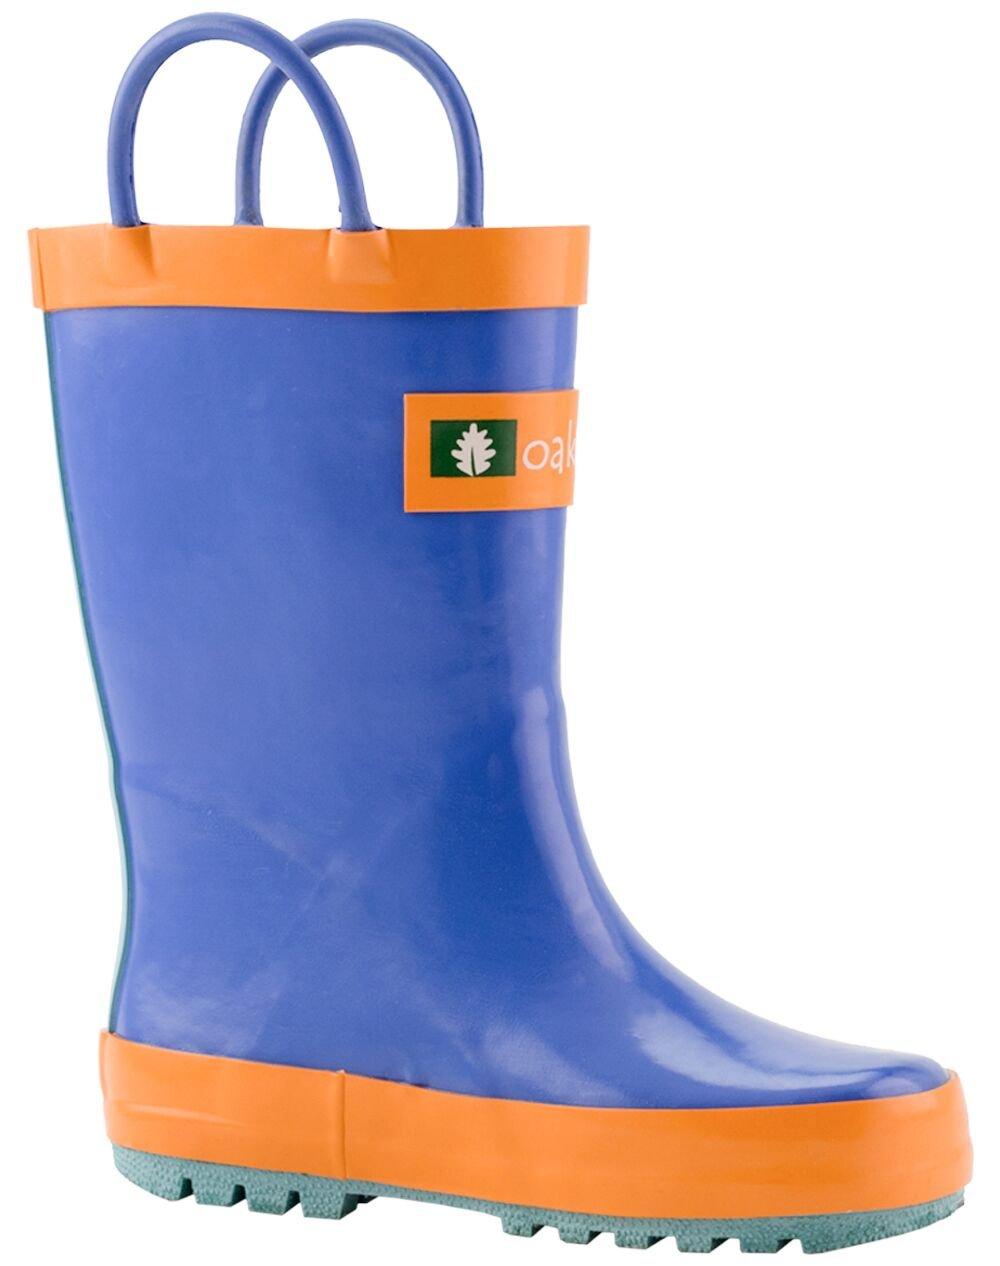 Oakiwear Kids Waterproof Rubber Rain Boots with Easy-On Handles, Blue, Orange & Aqua, 7T US Toddler